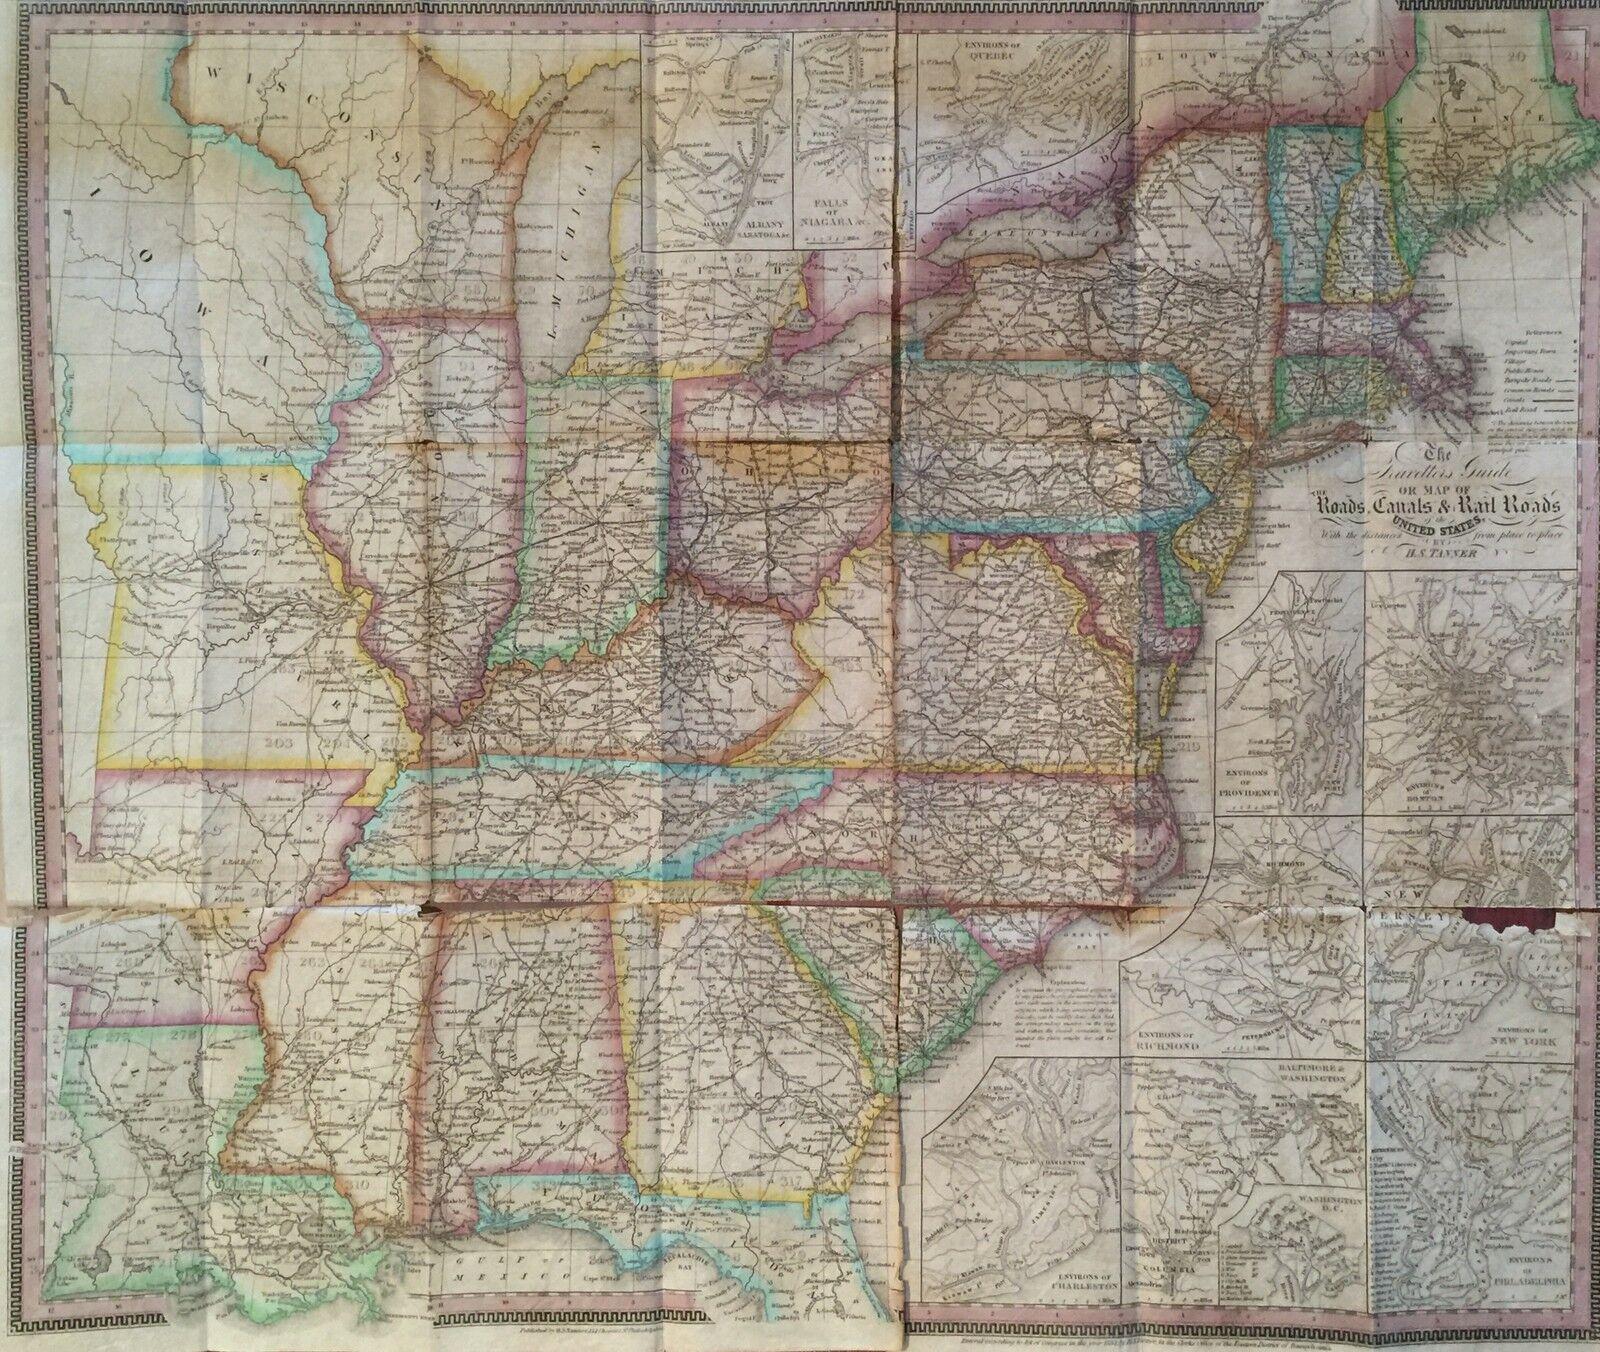 The Hapless Mapless Atlas